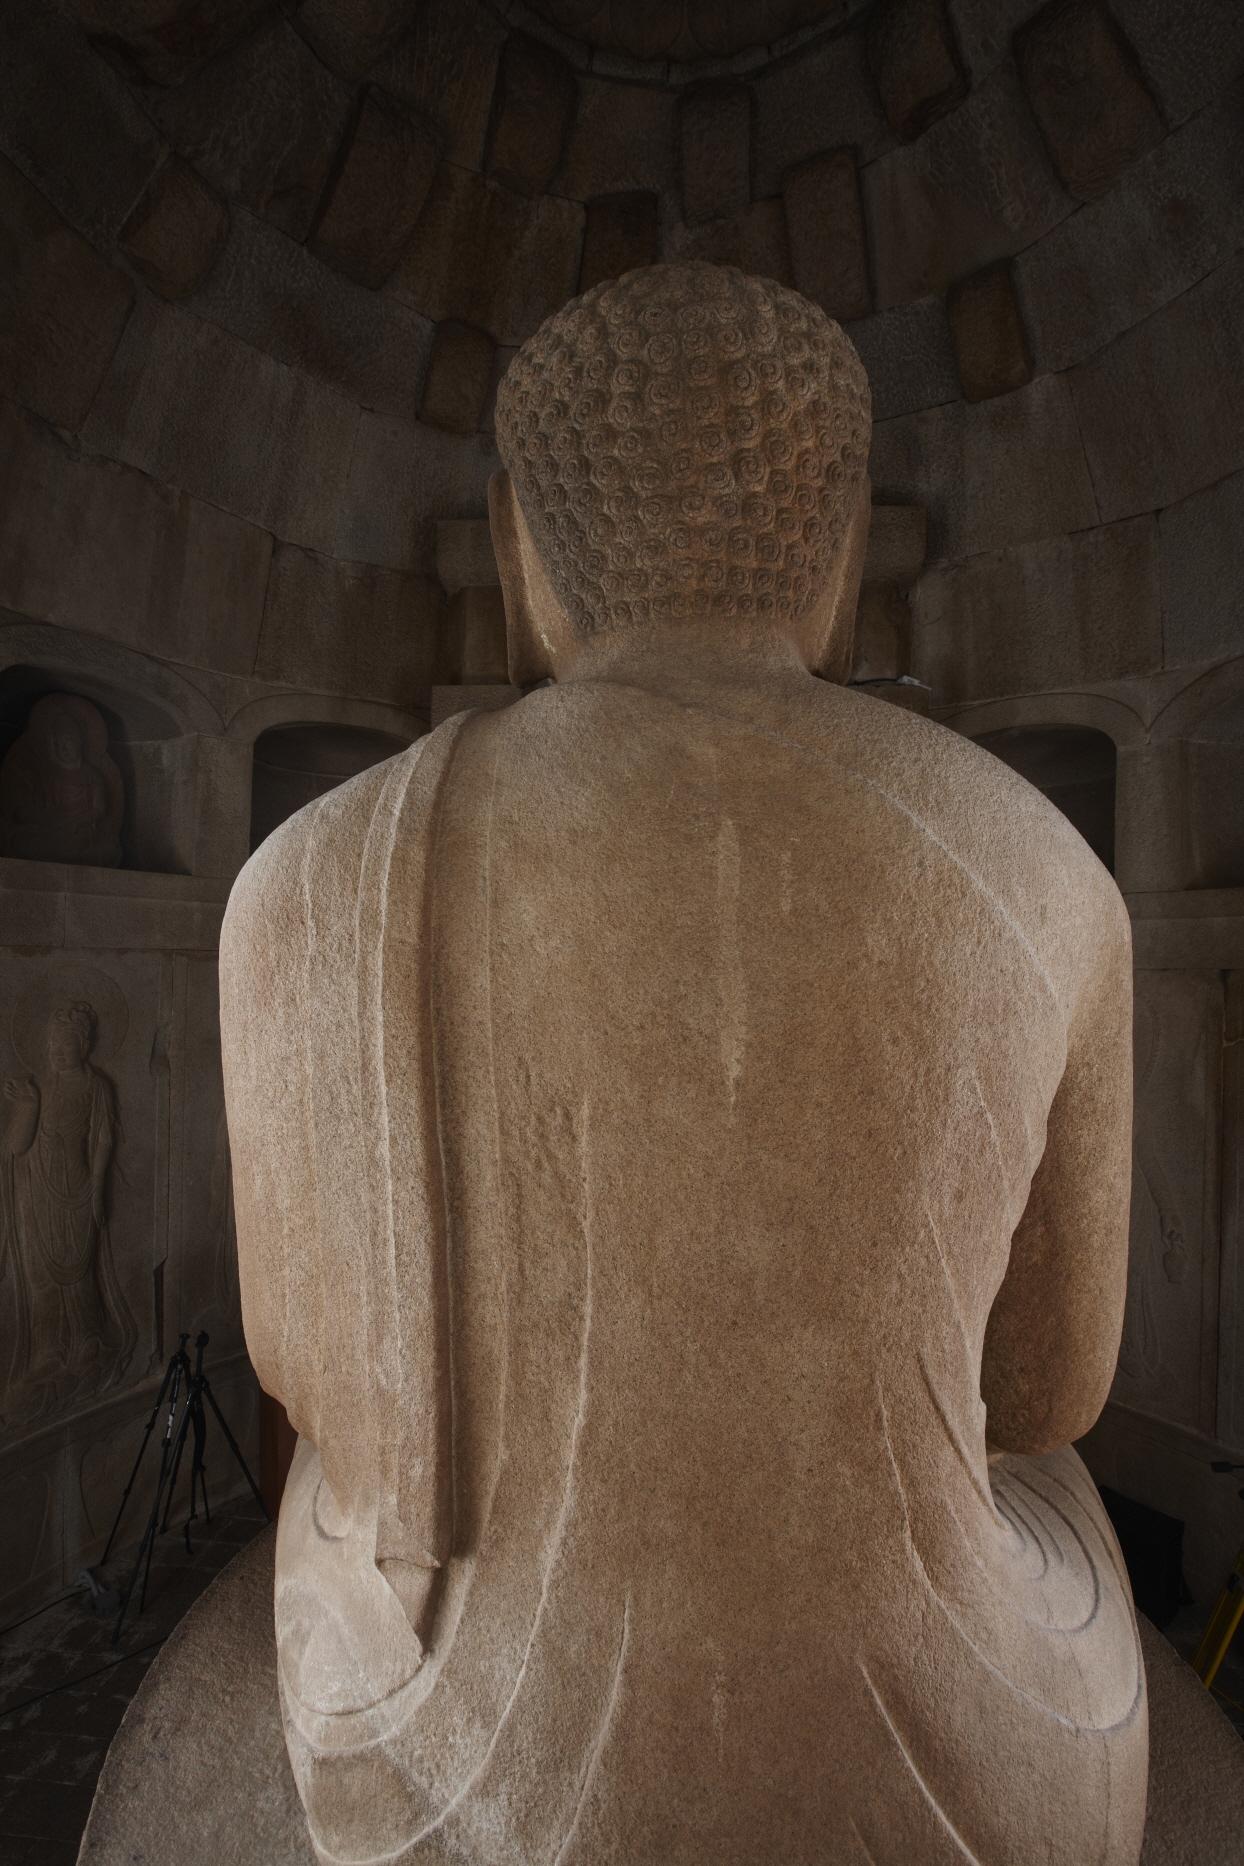 경주 석굴암 석굴 (본존불 뒷면)